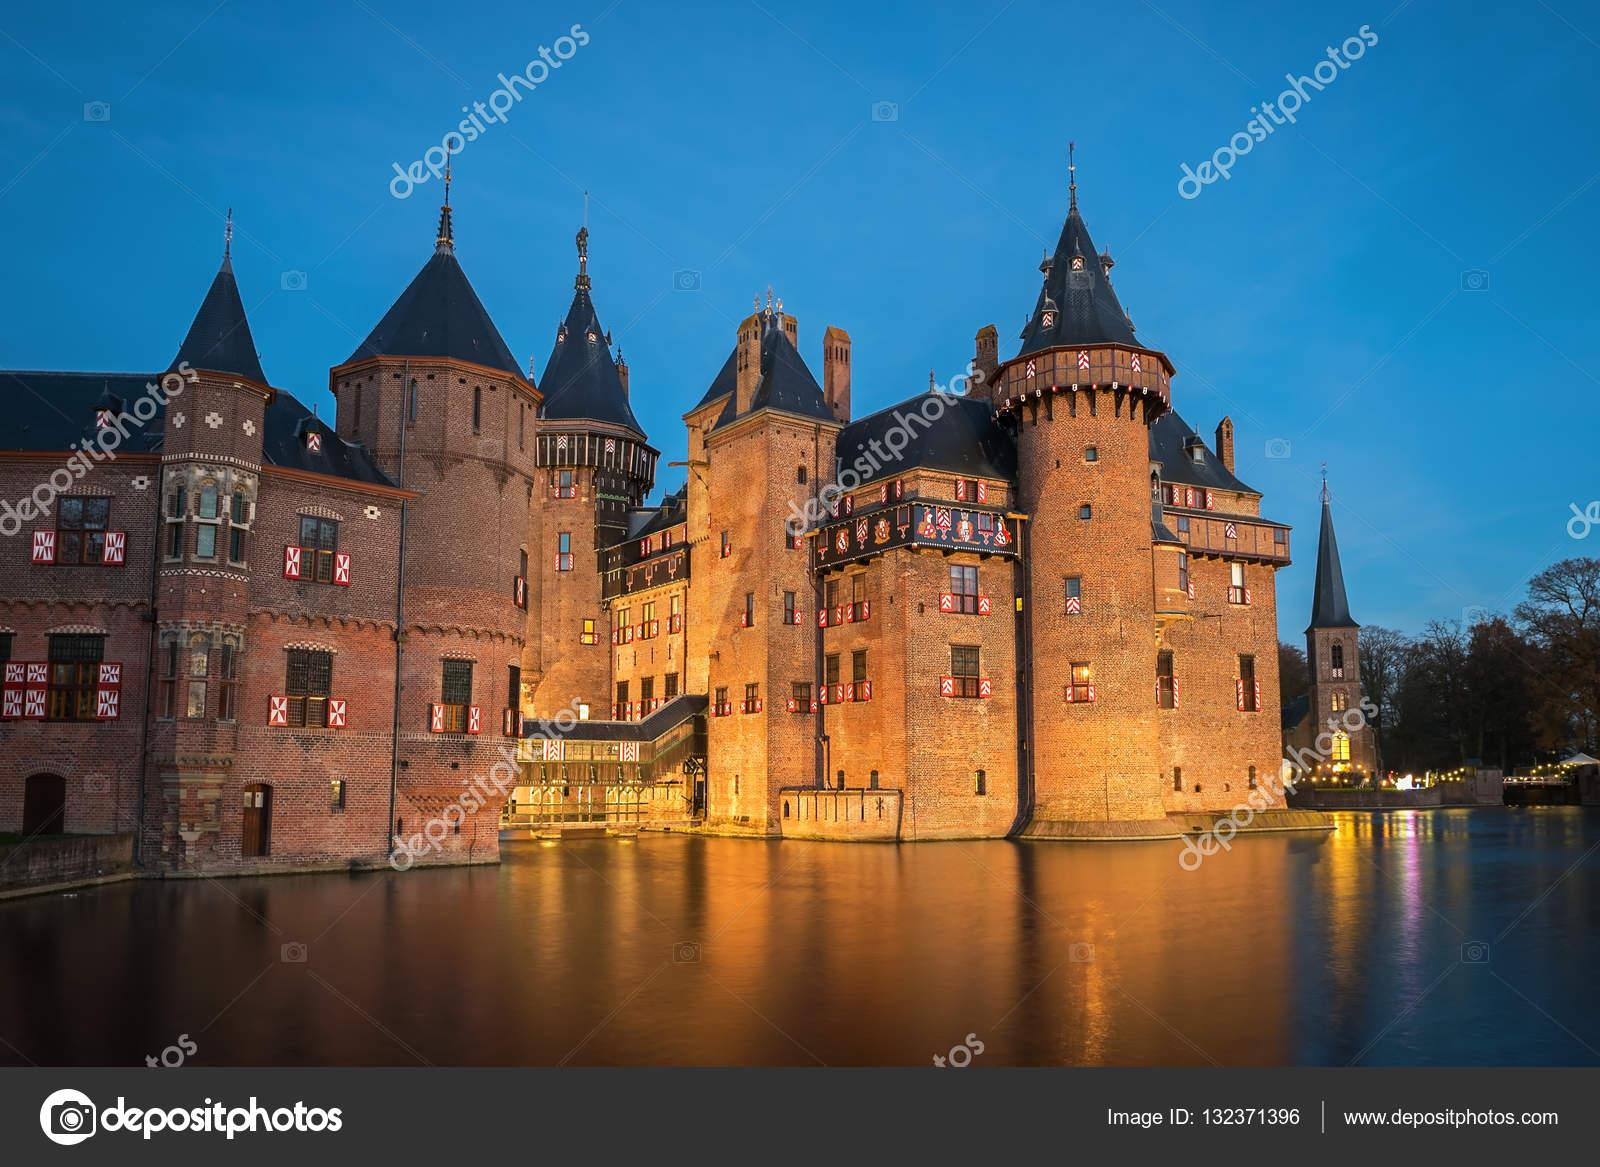 https://st3.depositphotos.com/3274035/13237/i/1600/depositphotos_132371396-stockafbeelding-uitzicht-op-het-middeleeuwse-kasteel.jpg